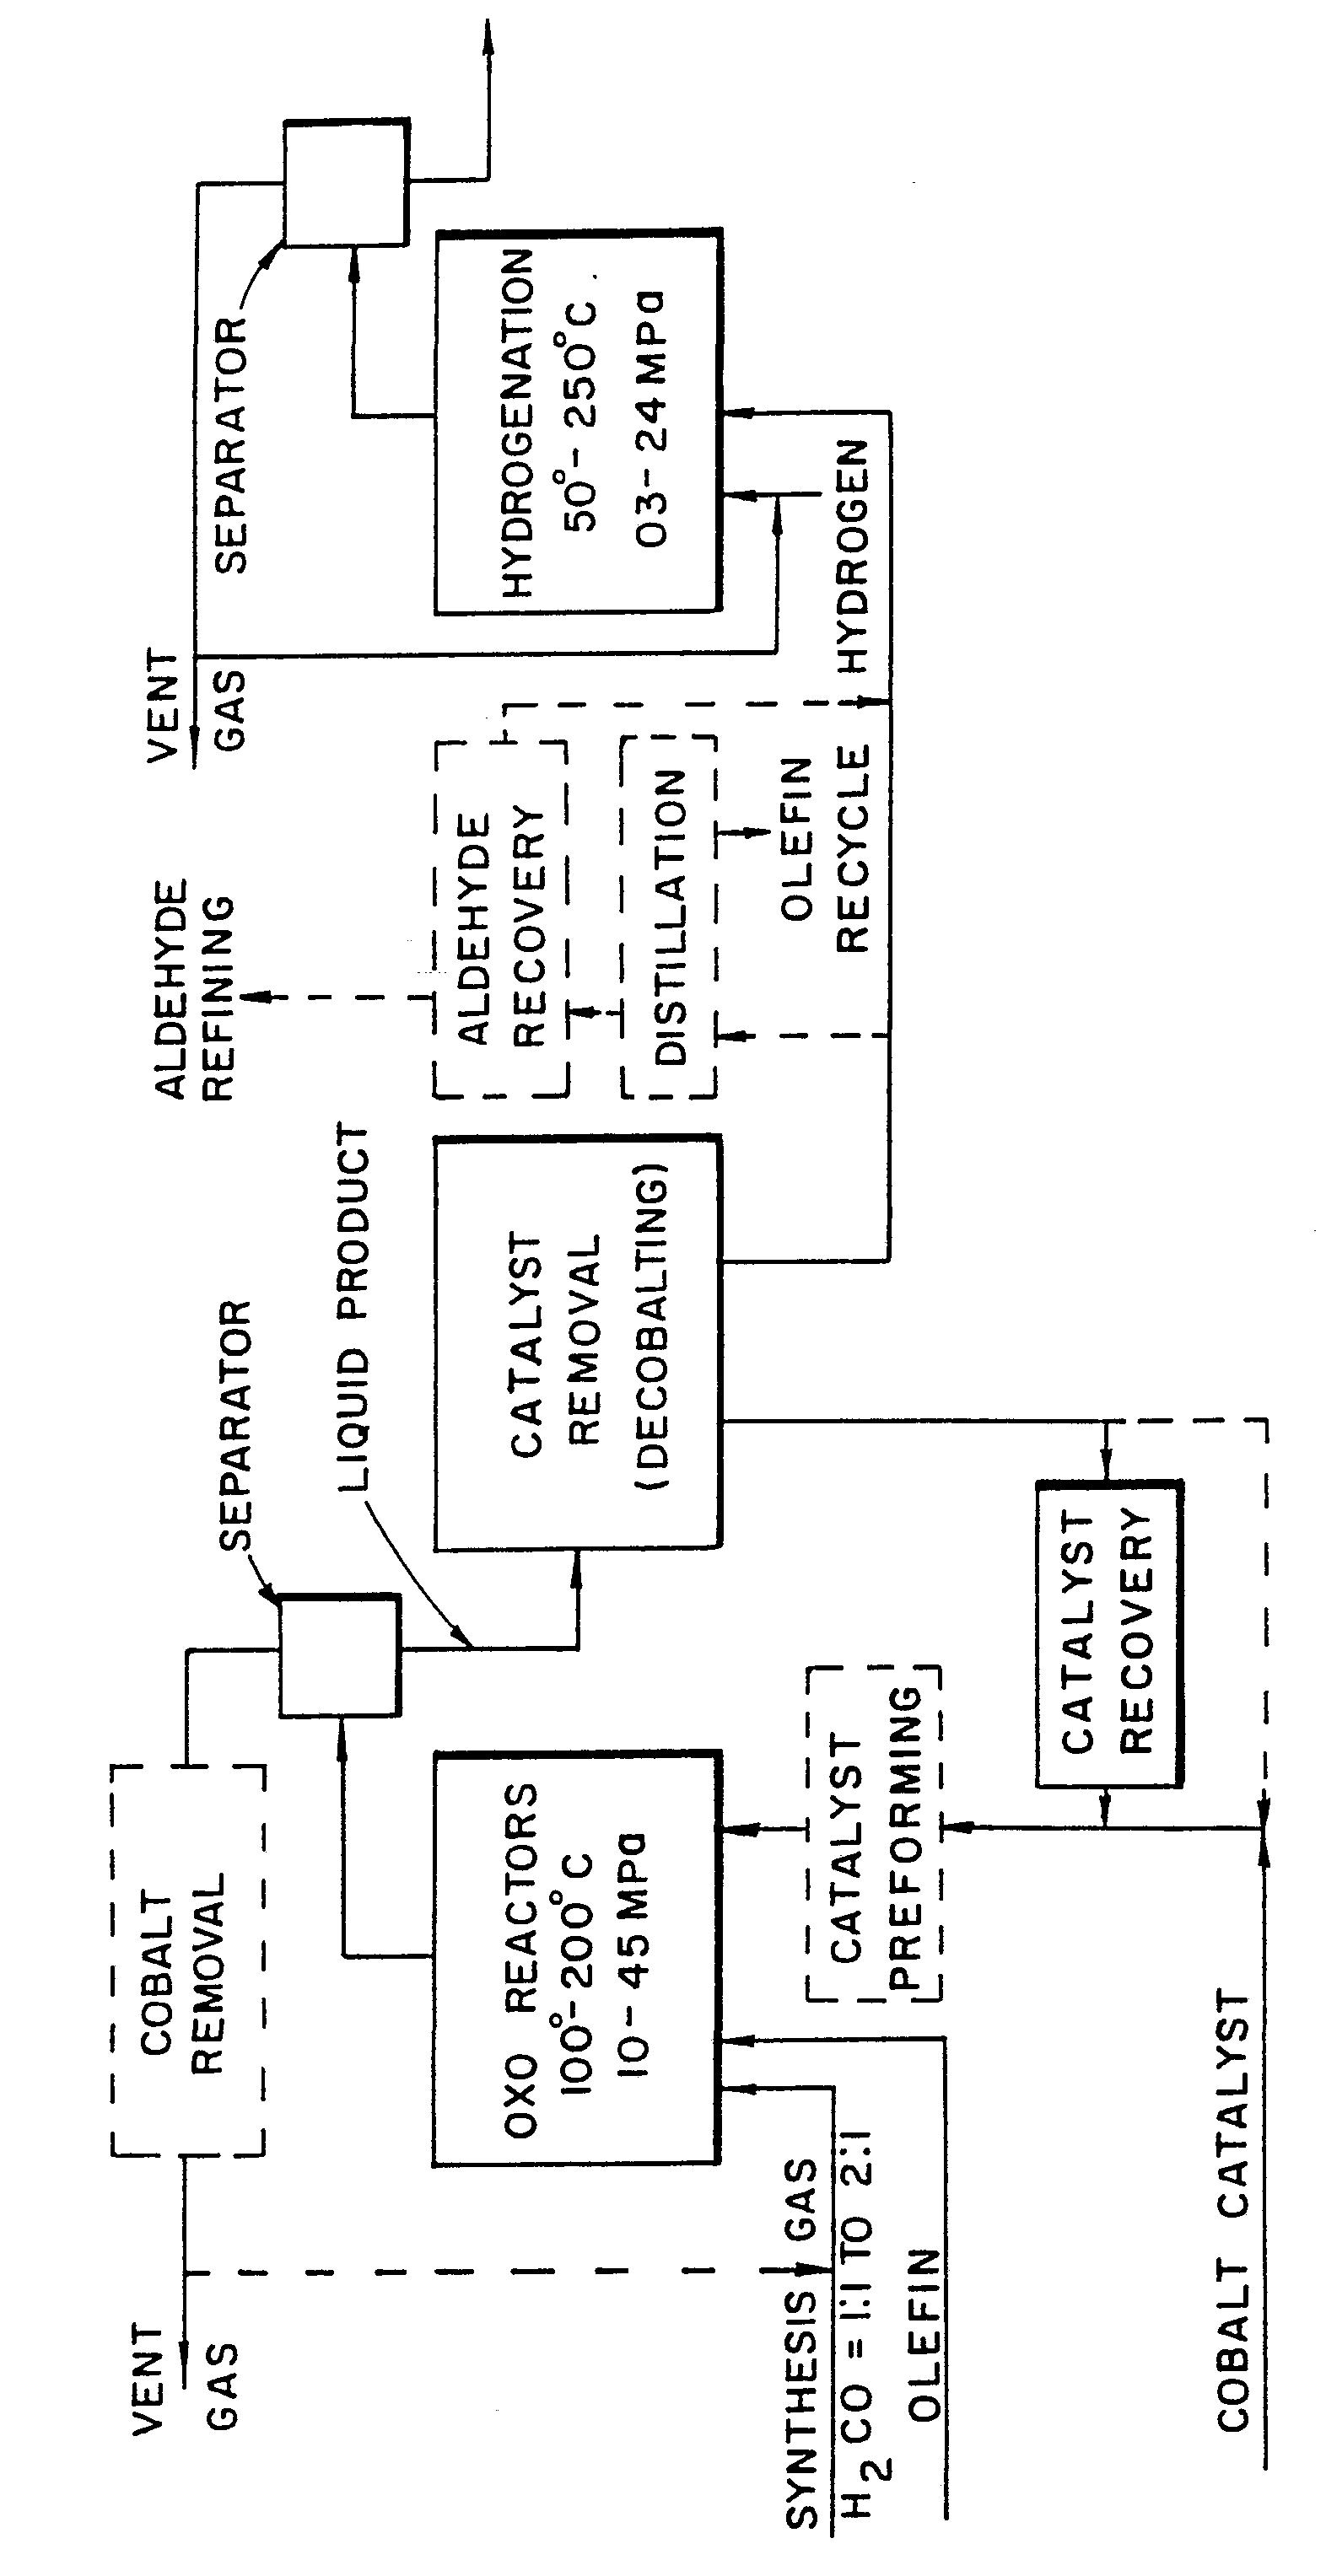 fischer tropsch process flow diagram crime scene programs patent wo1992014098a1 high tech computerized containment